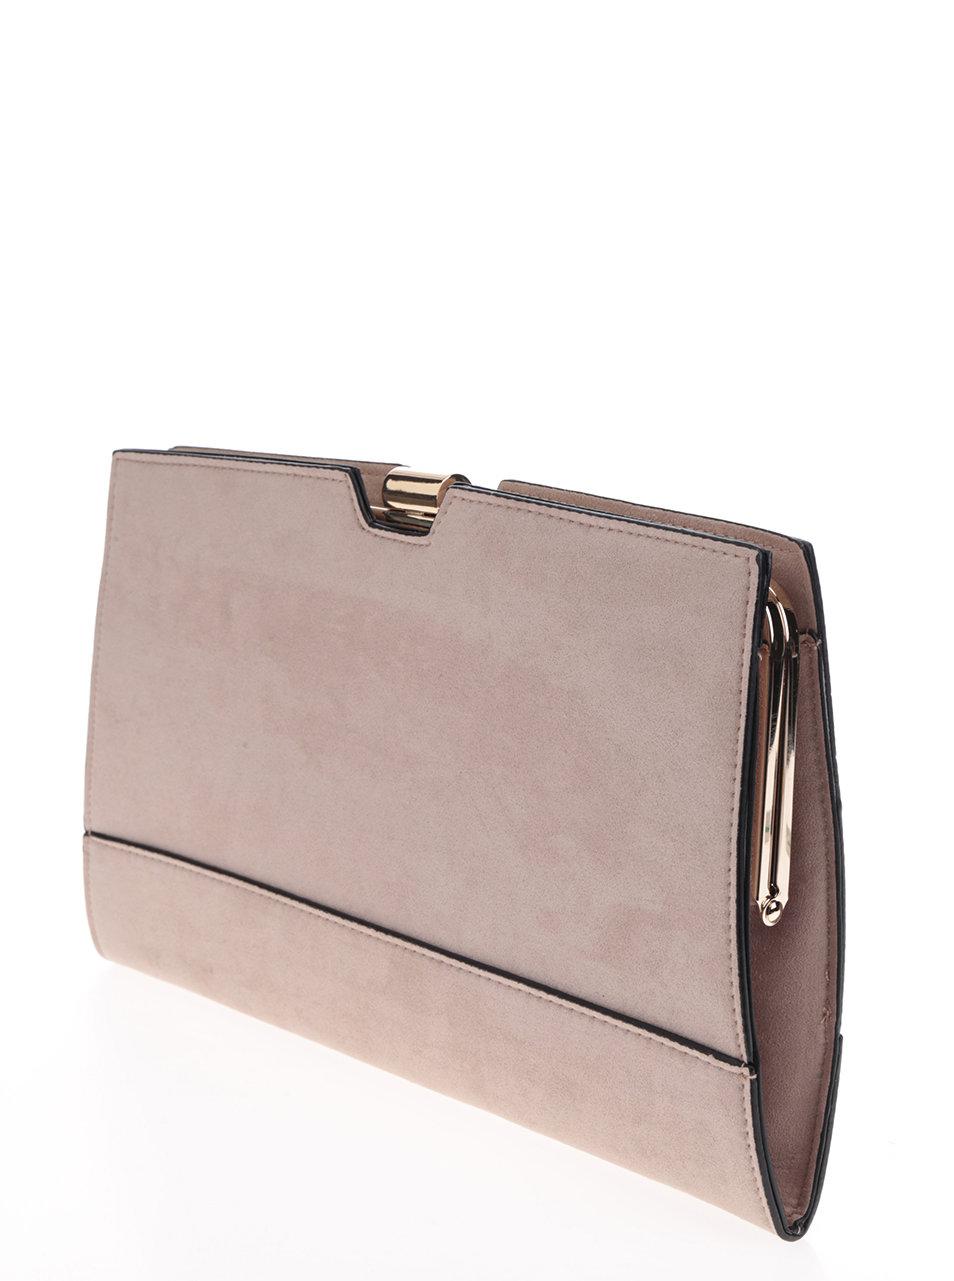 Béžová listová kabelka so sponou v zlatej farbe Dorothy Perkins ... 4d54e86f083